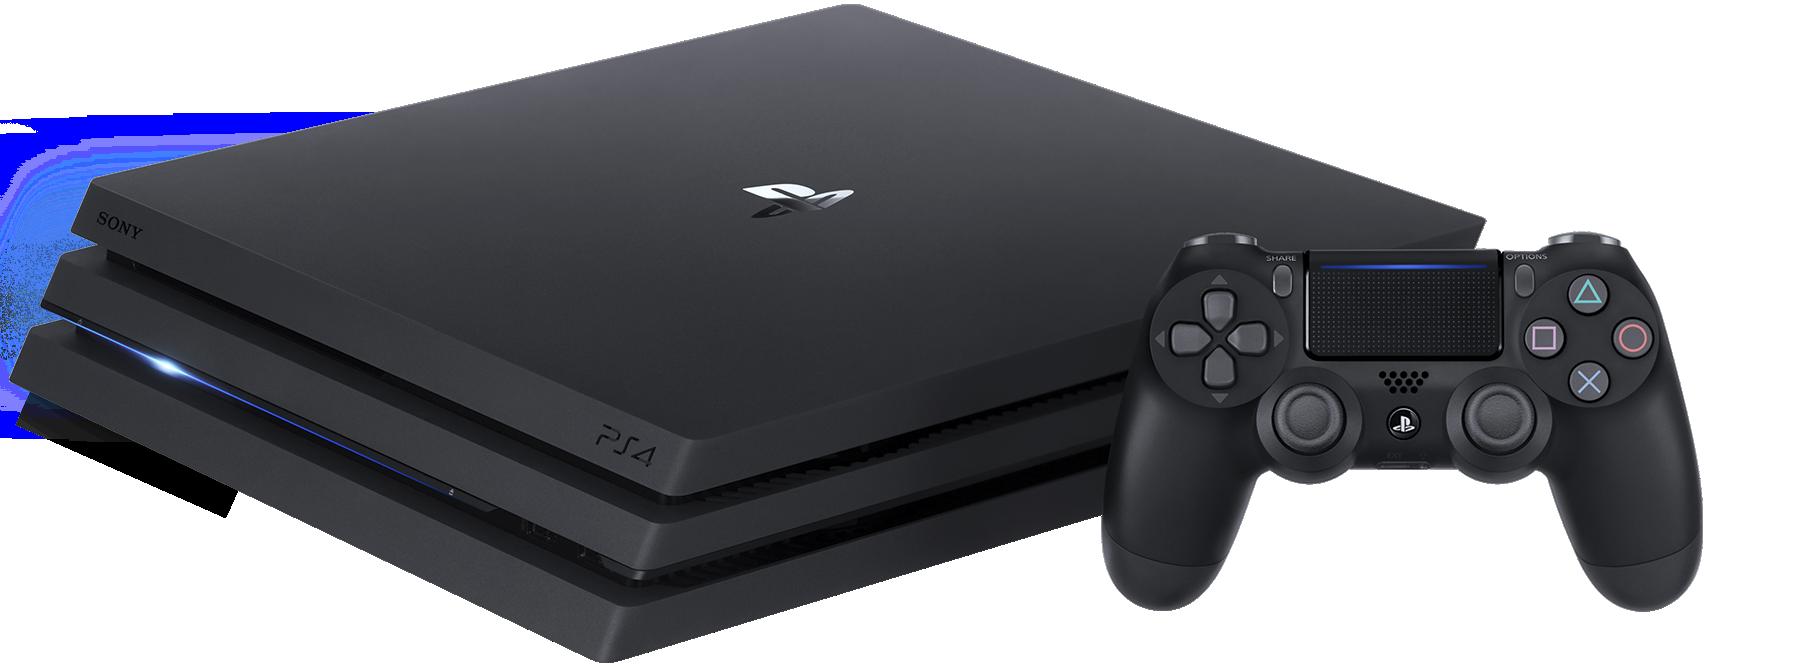 PS4 Pro | Plus rapide, plus puissante et avec des jeux en 4K | PlayStation